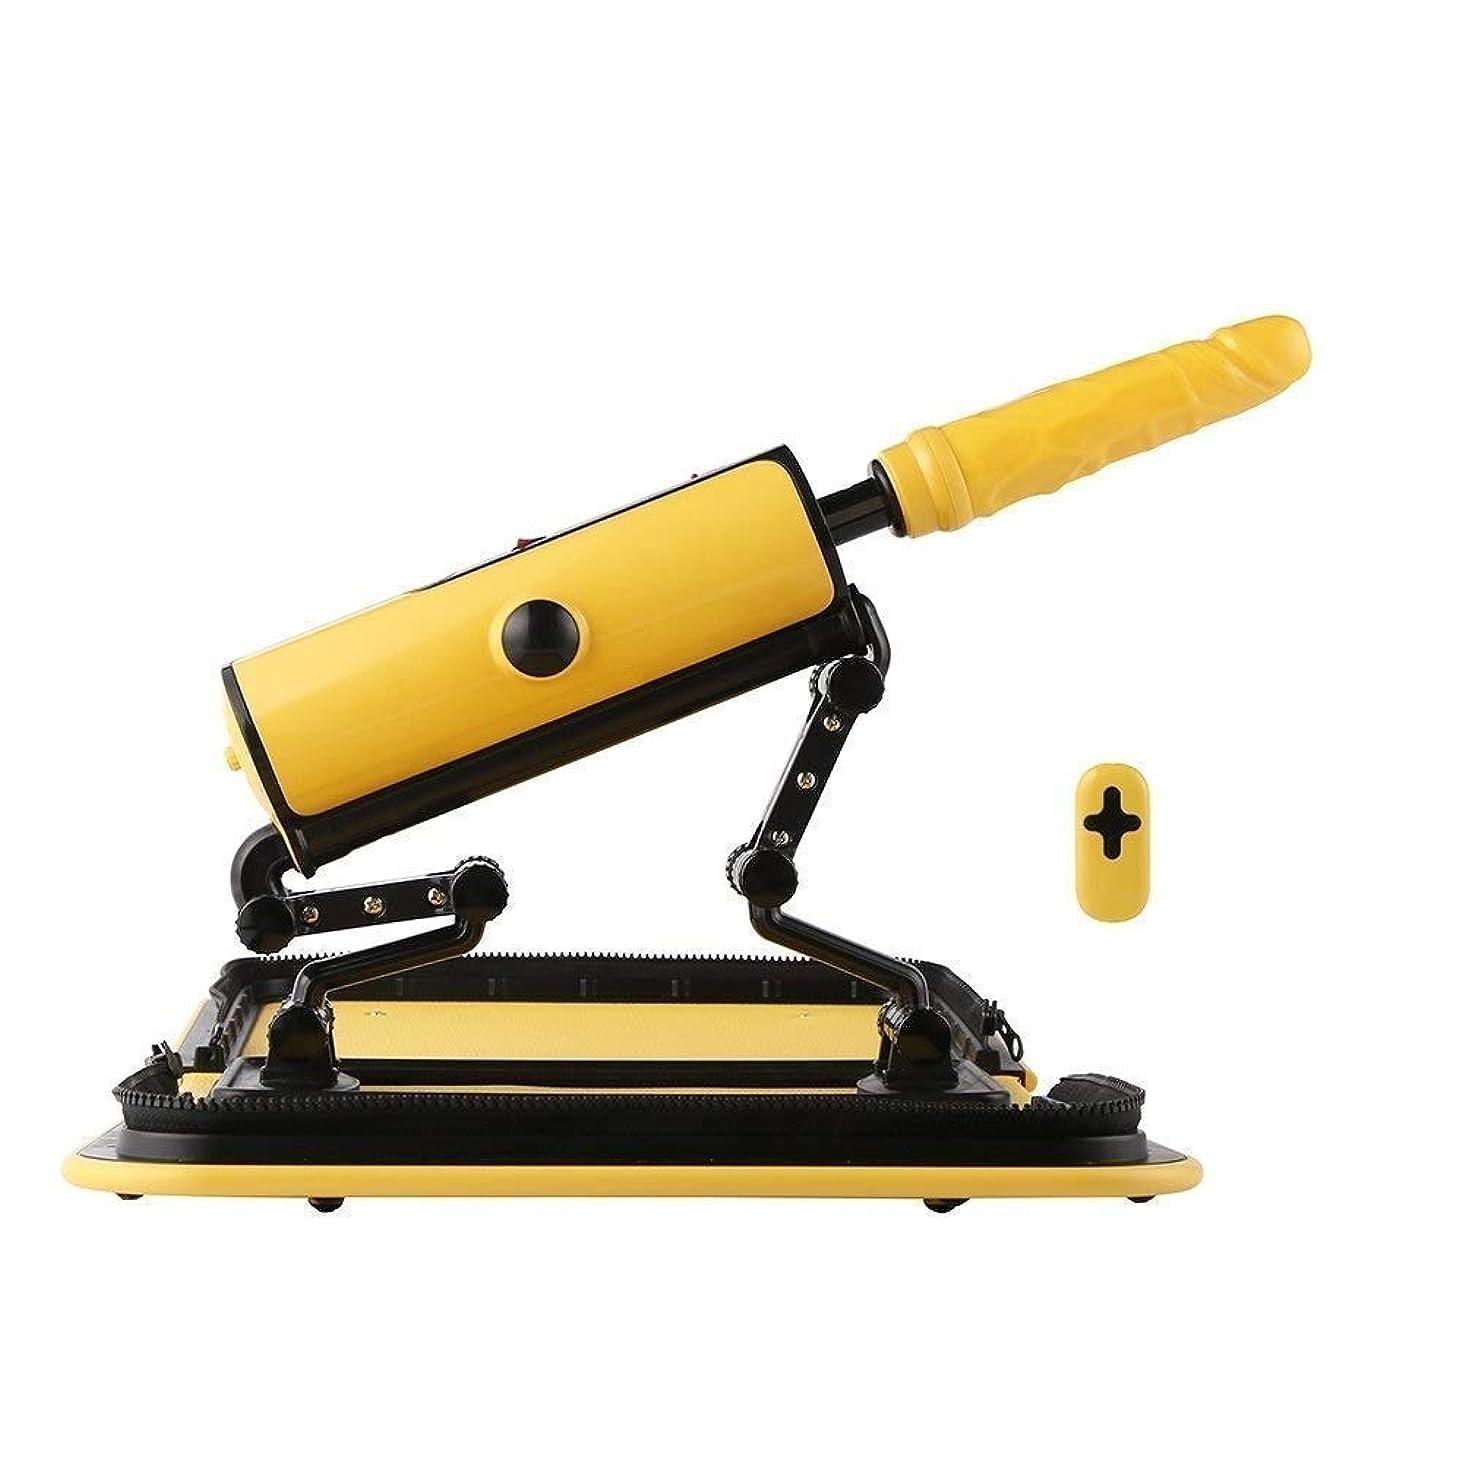 第信頼性のある対人YI-LIGHT 機械と吸引カップMǎsturbǎtorおもちゃ、女性のためのロボットのセックスマシン?テレスコピック式DistaffMǎsturbationポンプ、セックスマシンが大好き